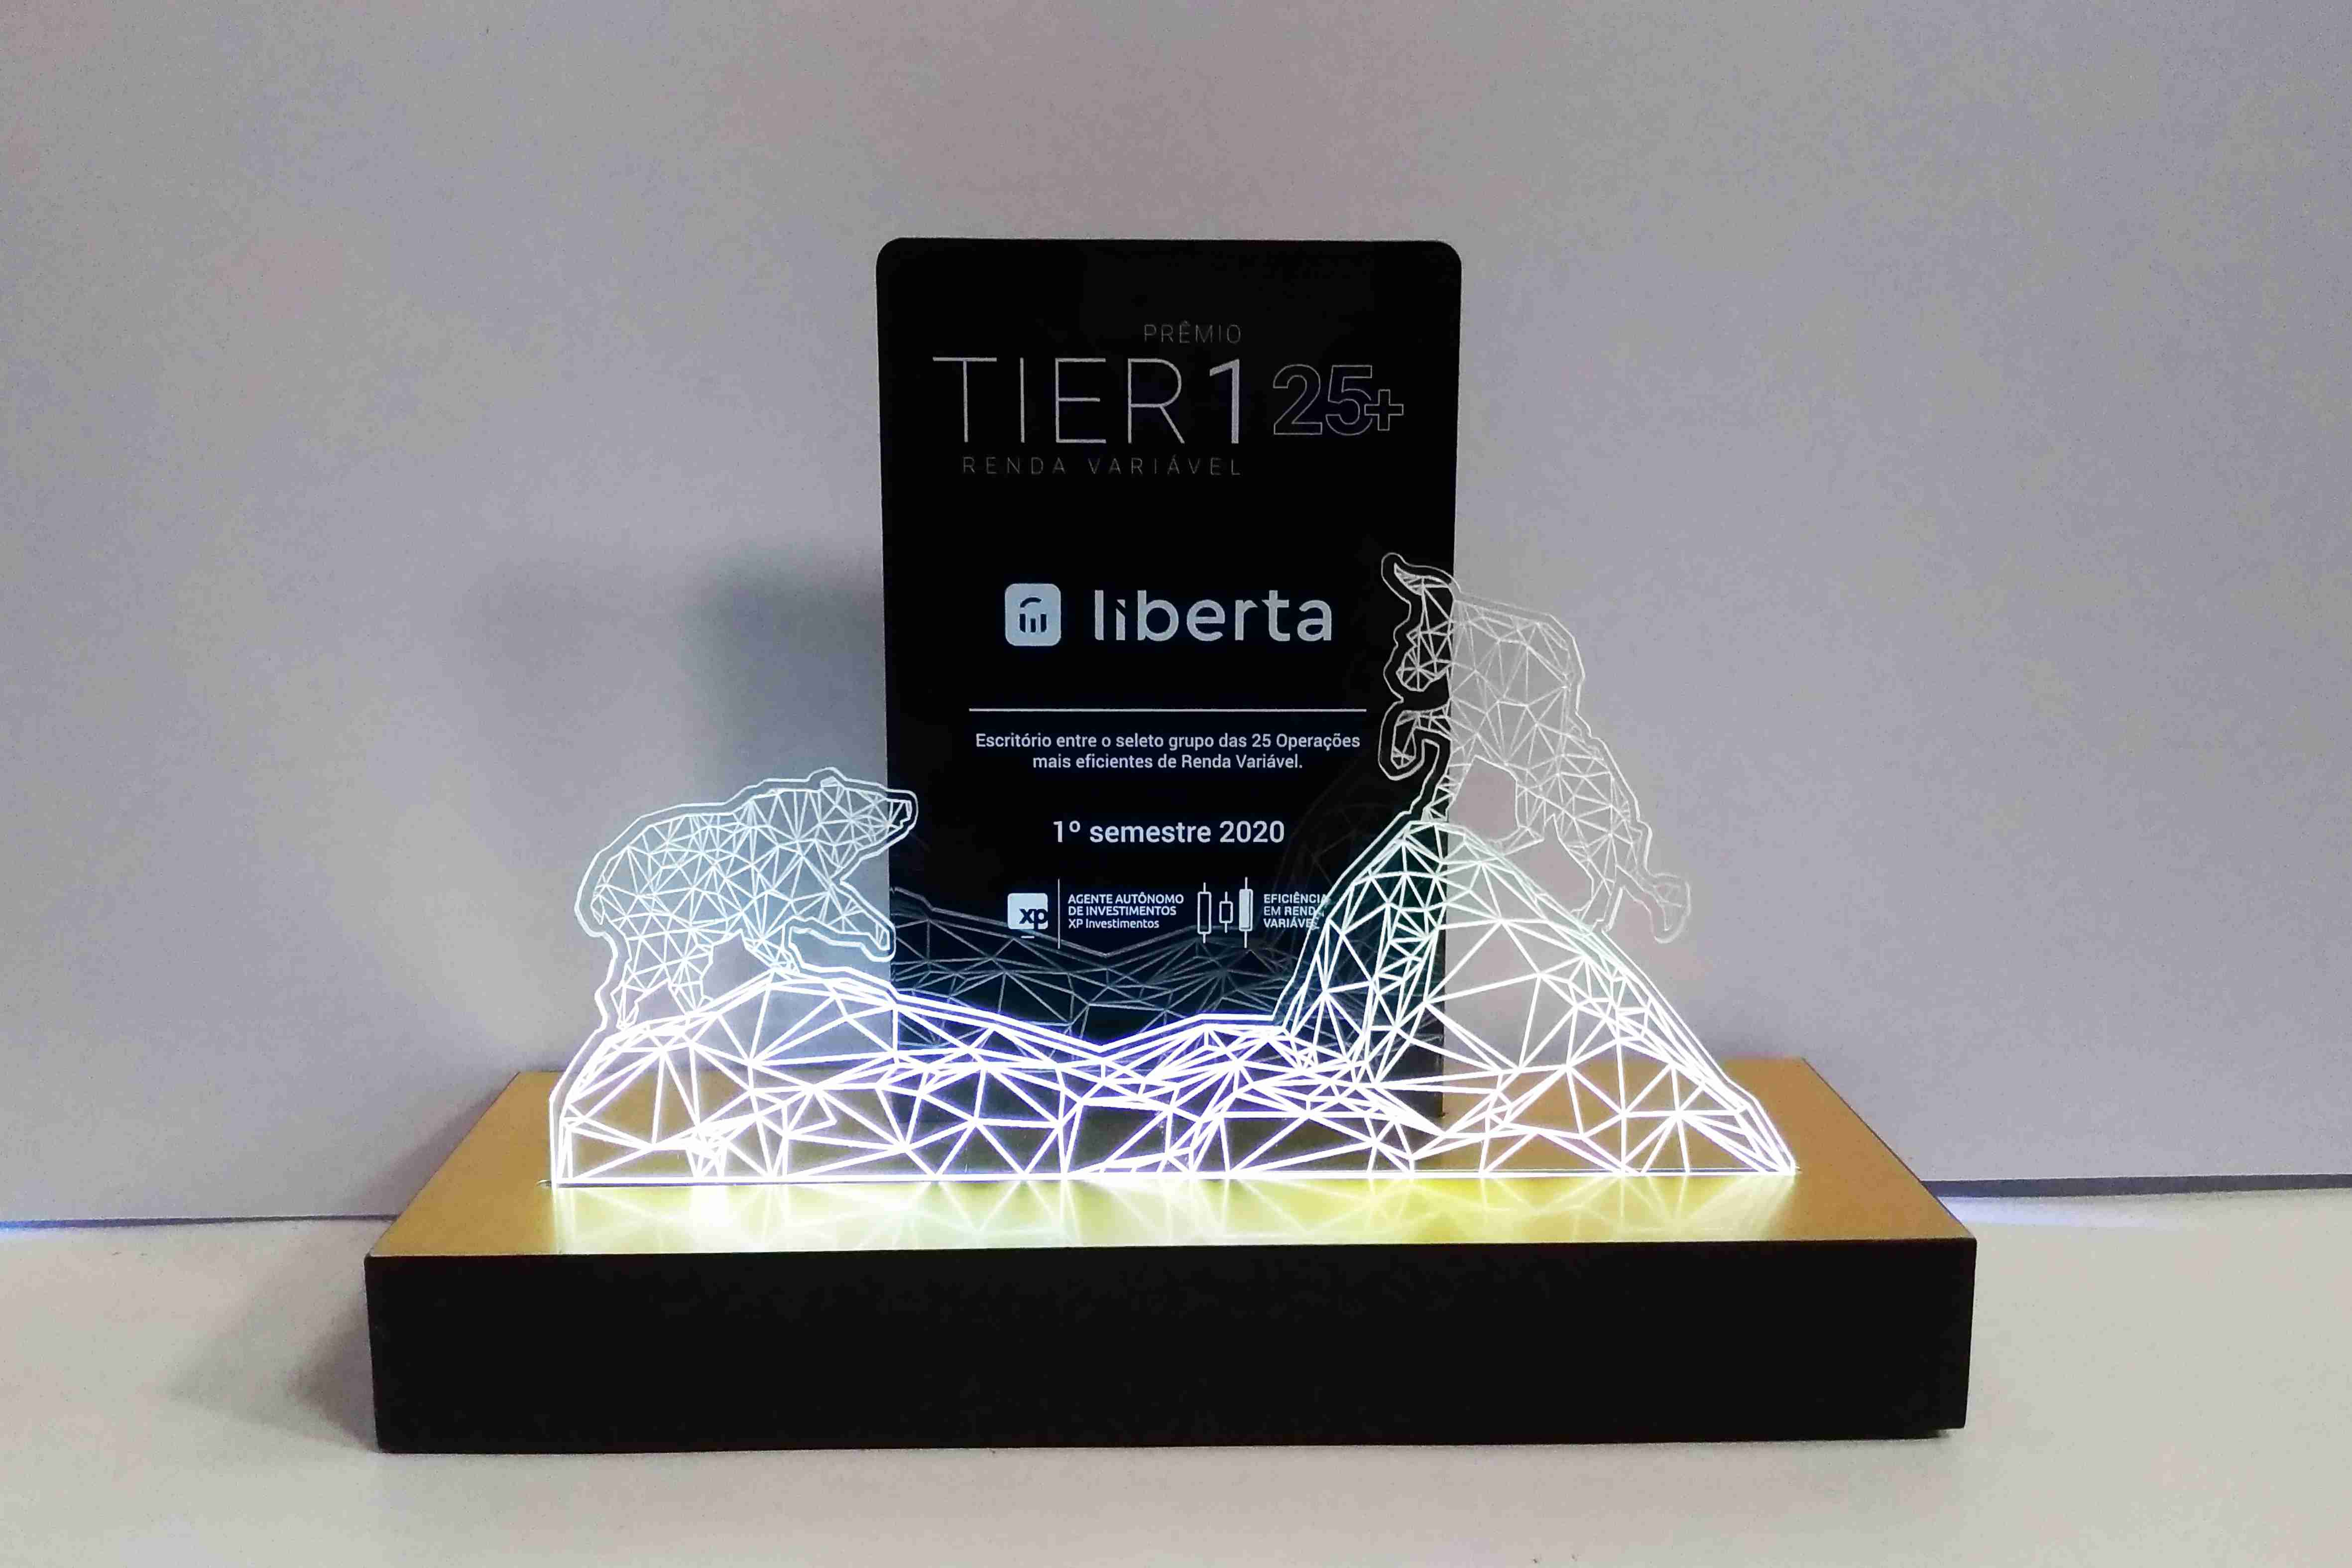 Troféu em Acrílico com impressão a laser e iluminação em LED positivado pela Bárions